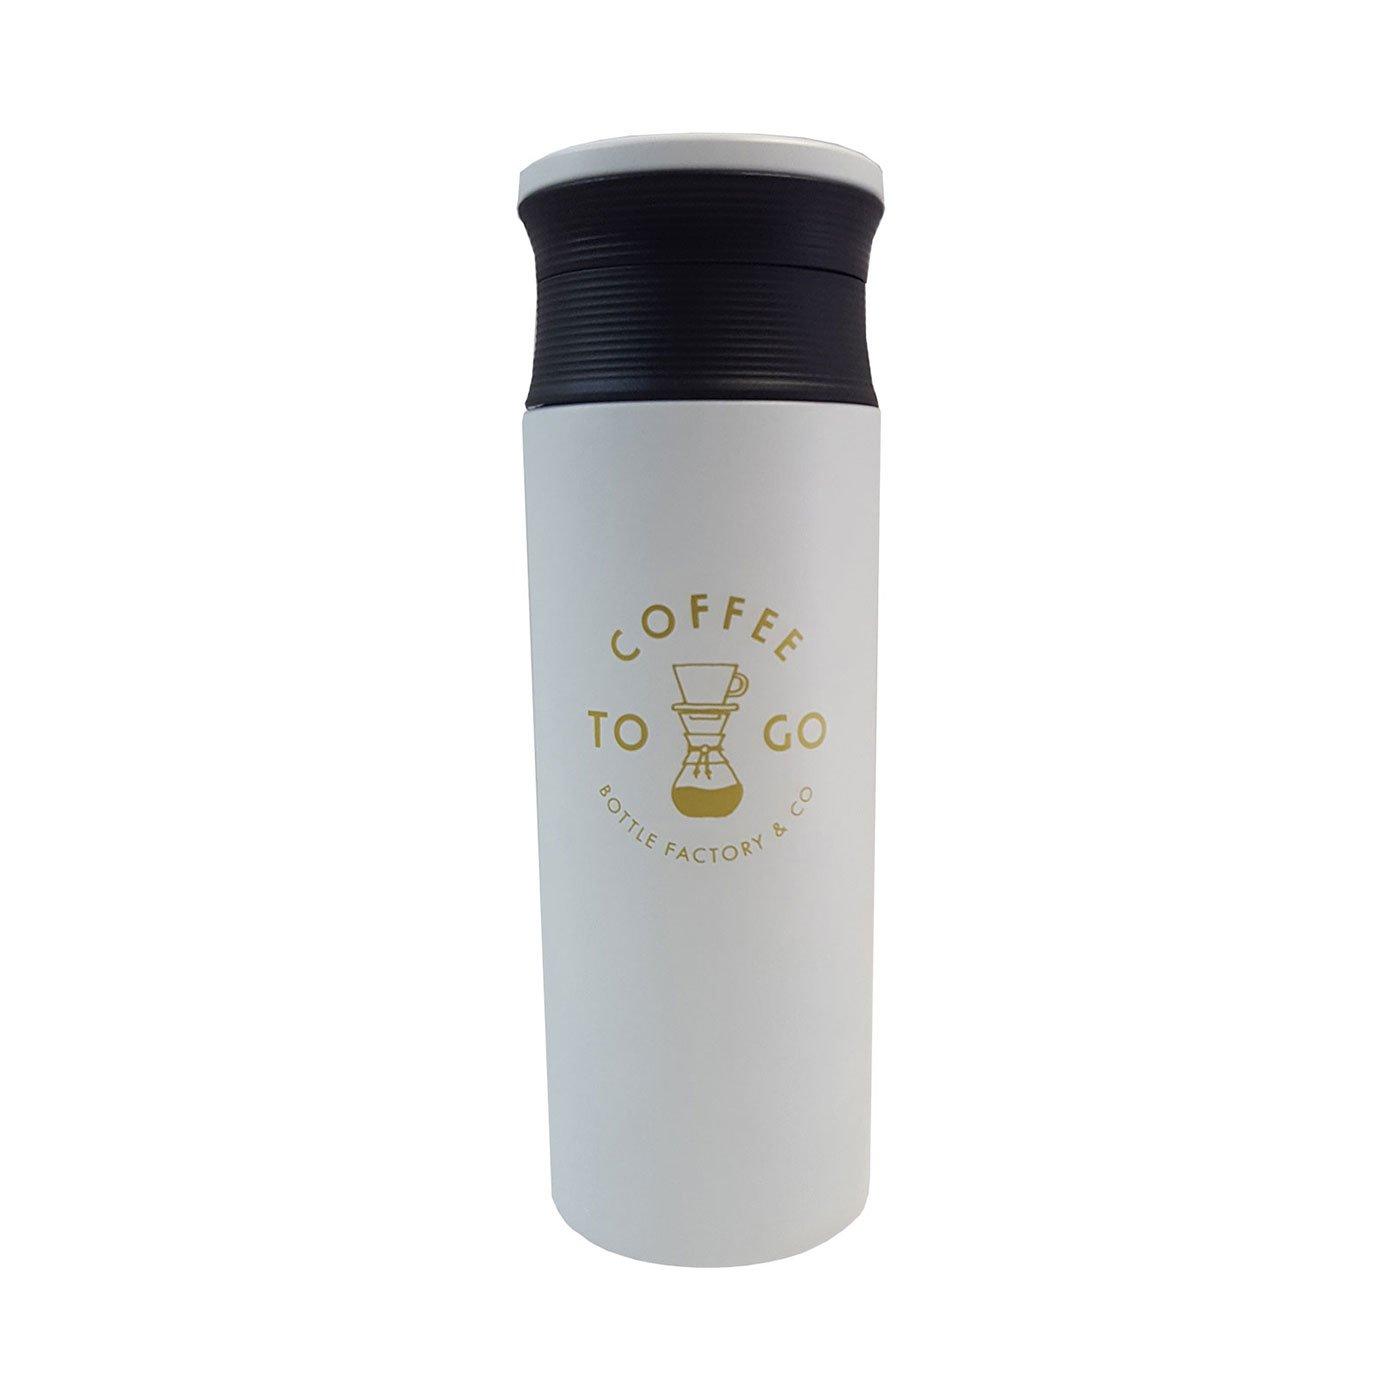 どこでもカフェ気分 トゥーゴー カフェマグボトル〈500ml〉